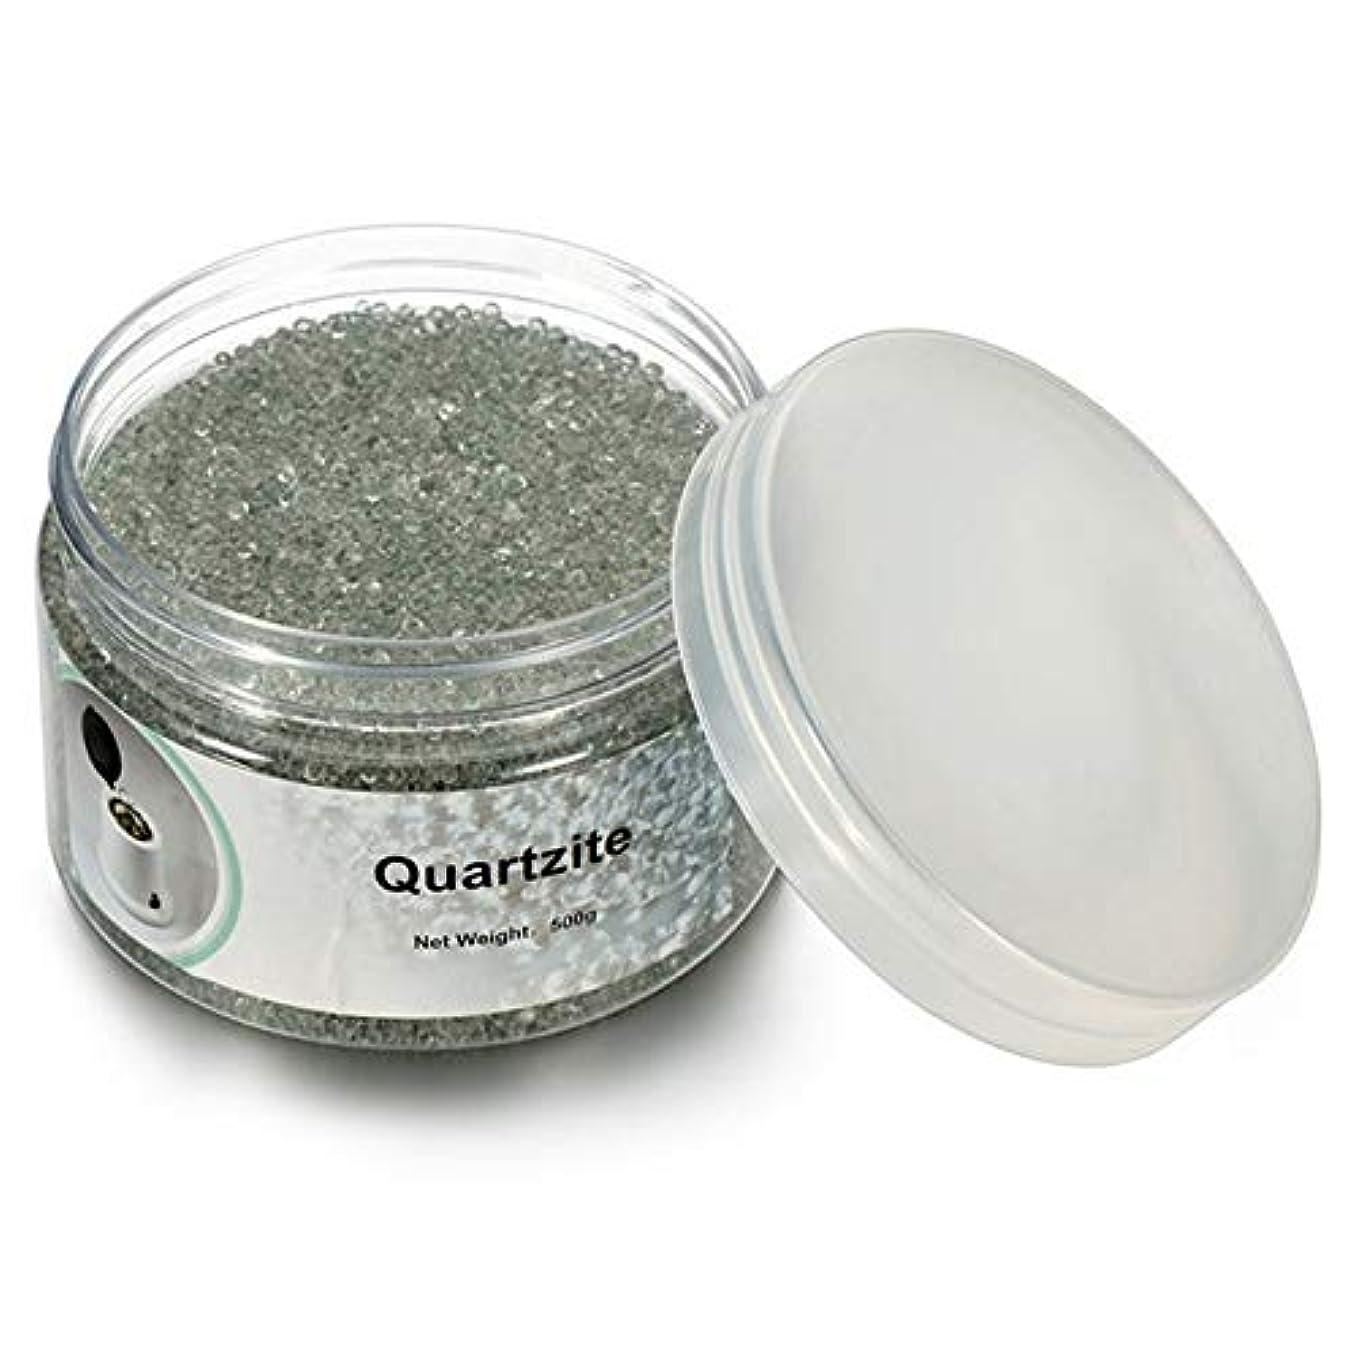 共和国集計変位Gaoominy 500G石英砂消毒ビーズ、理髪と美容ネイルツールの消毒用